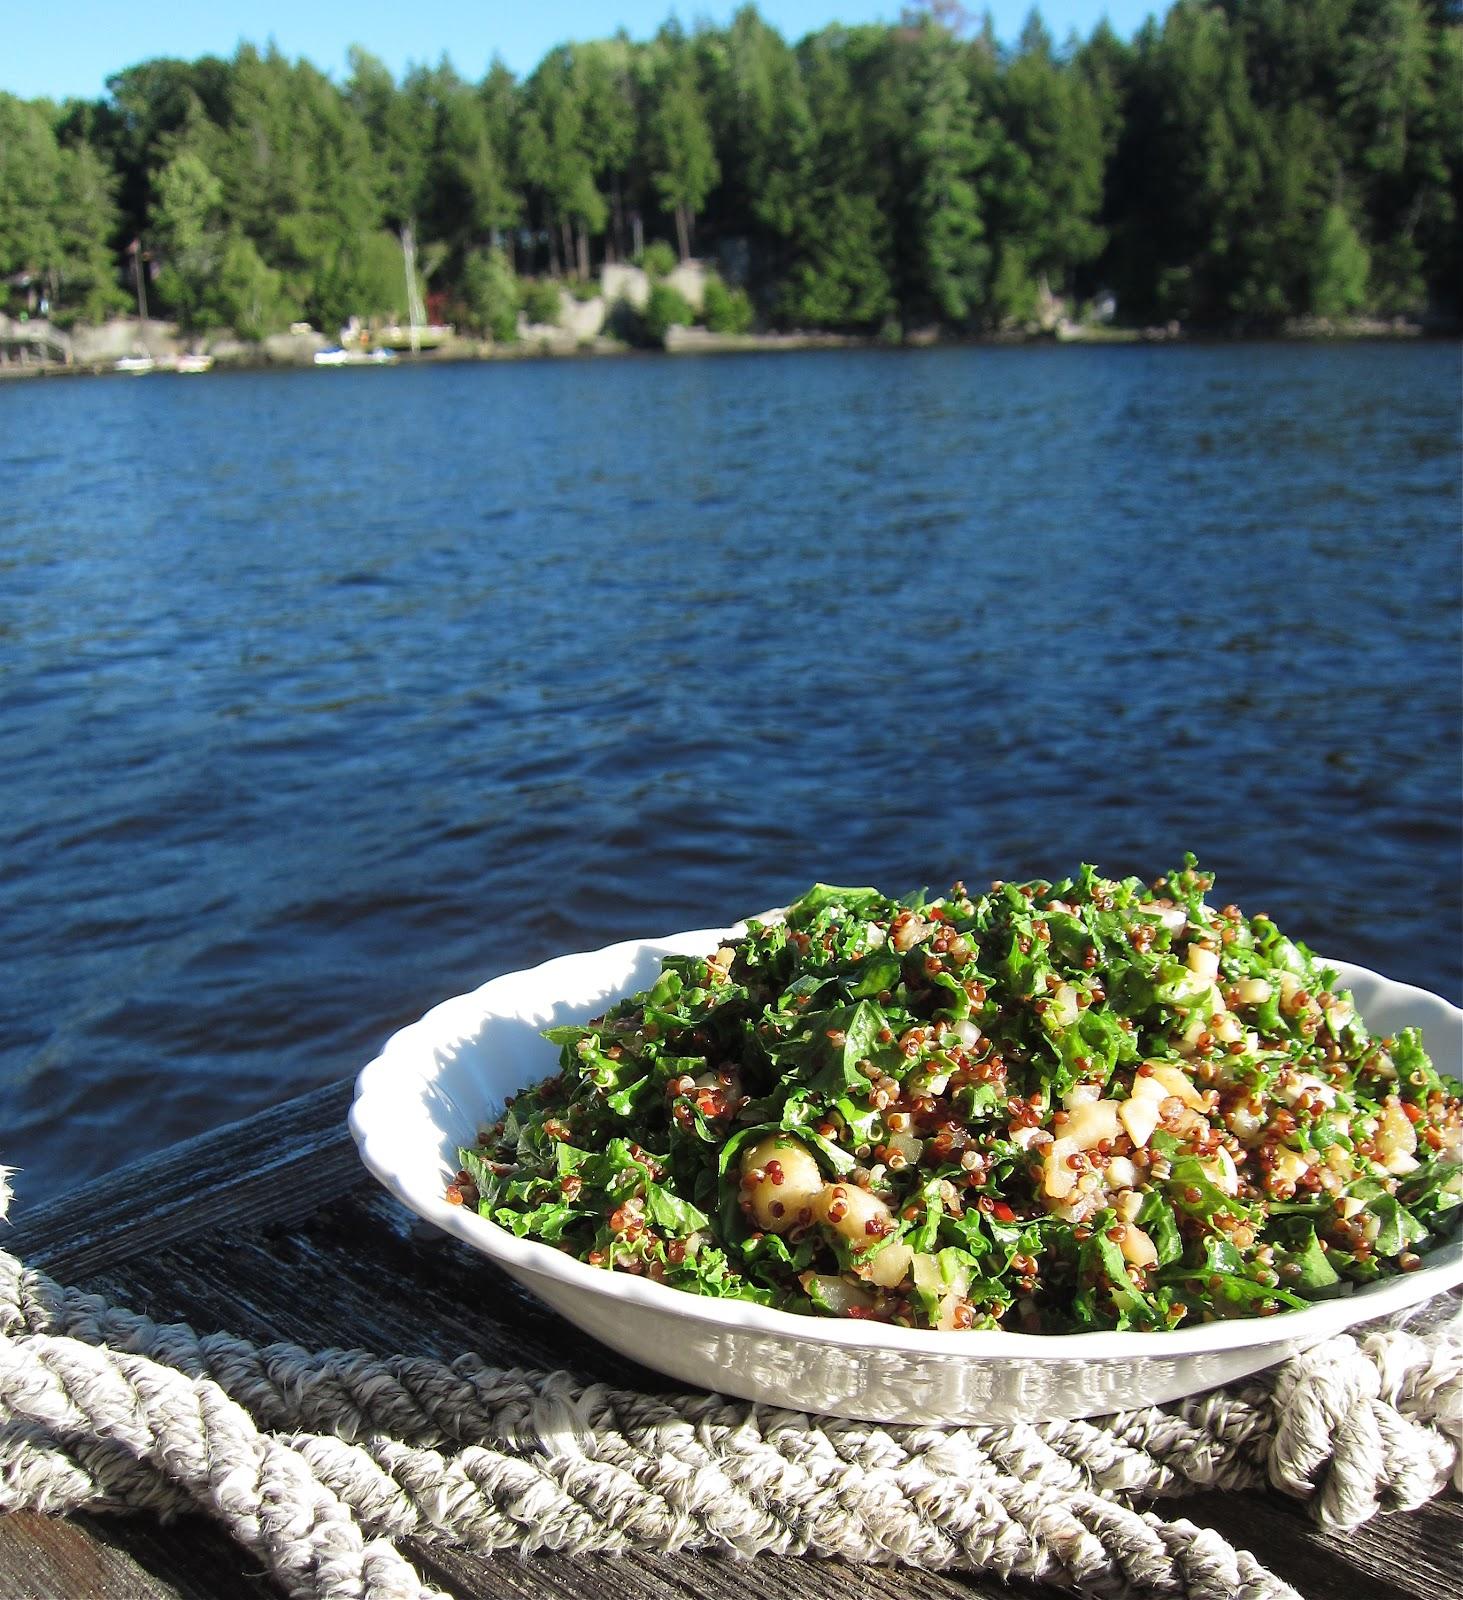 Kale salad in a bowl set on a dock in Muskoka.